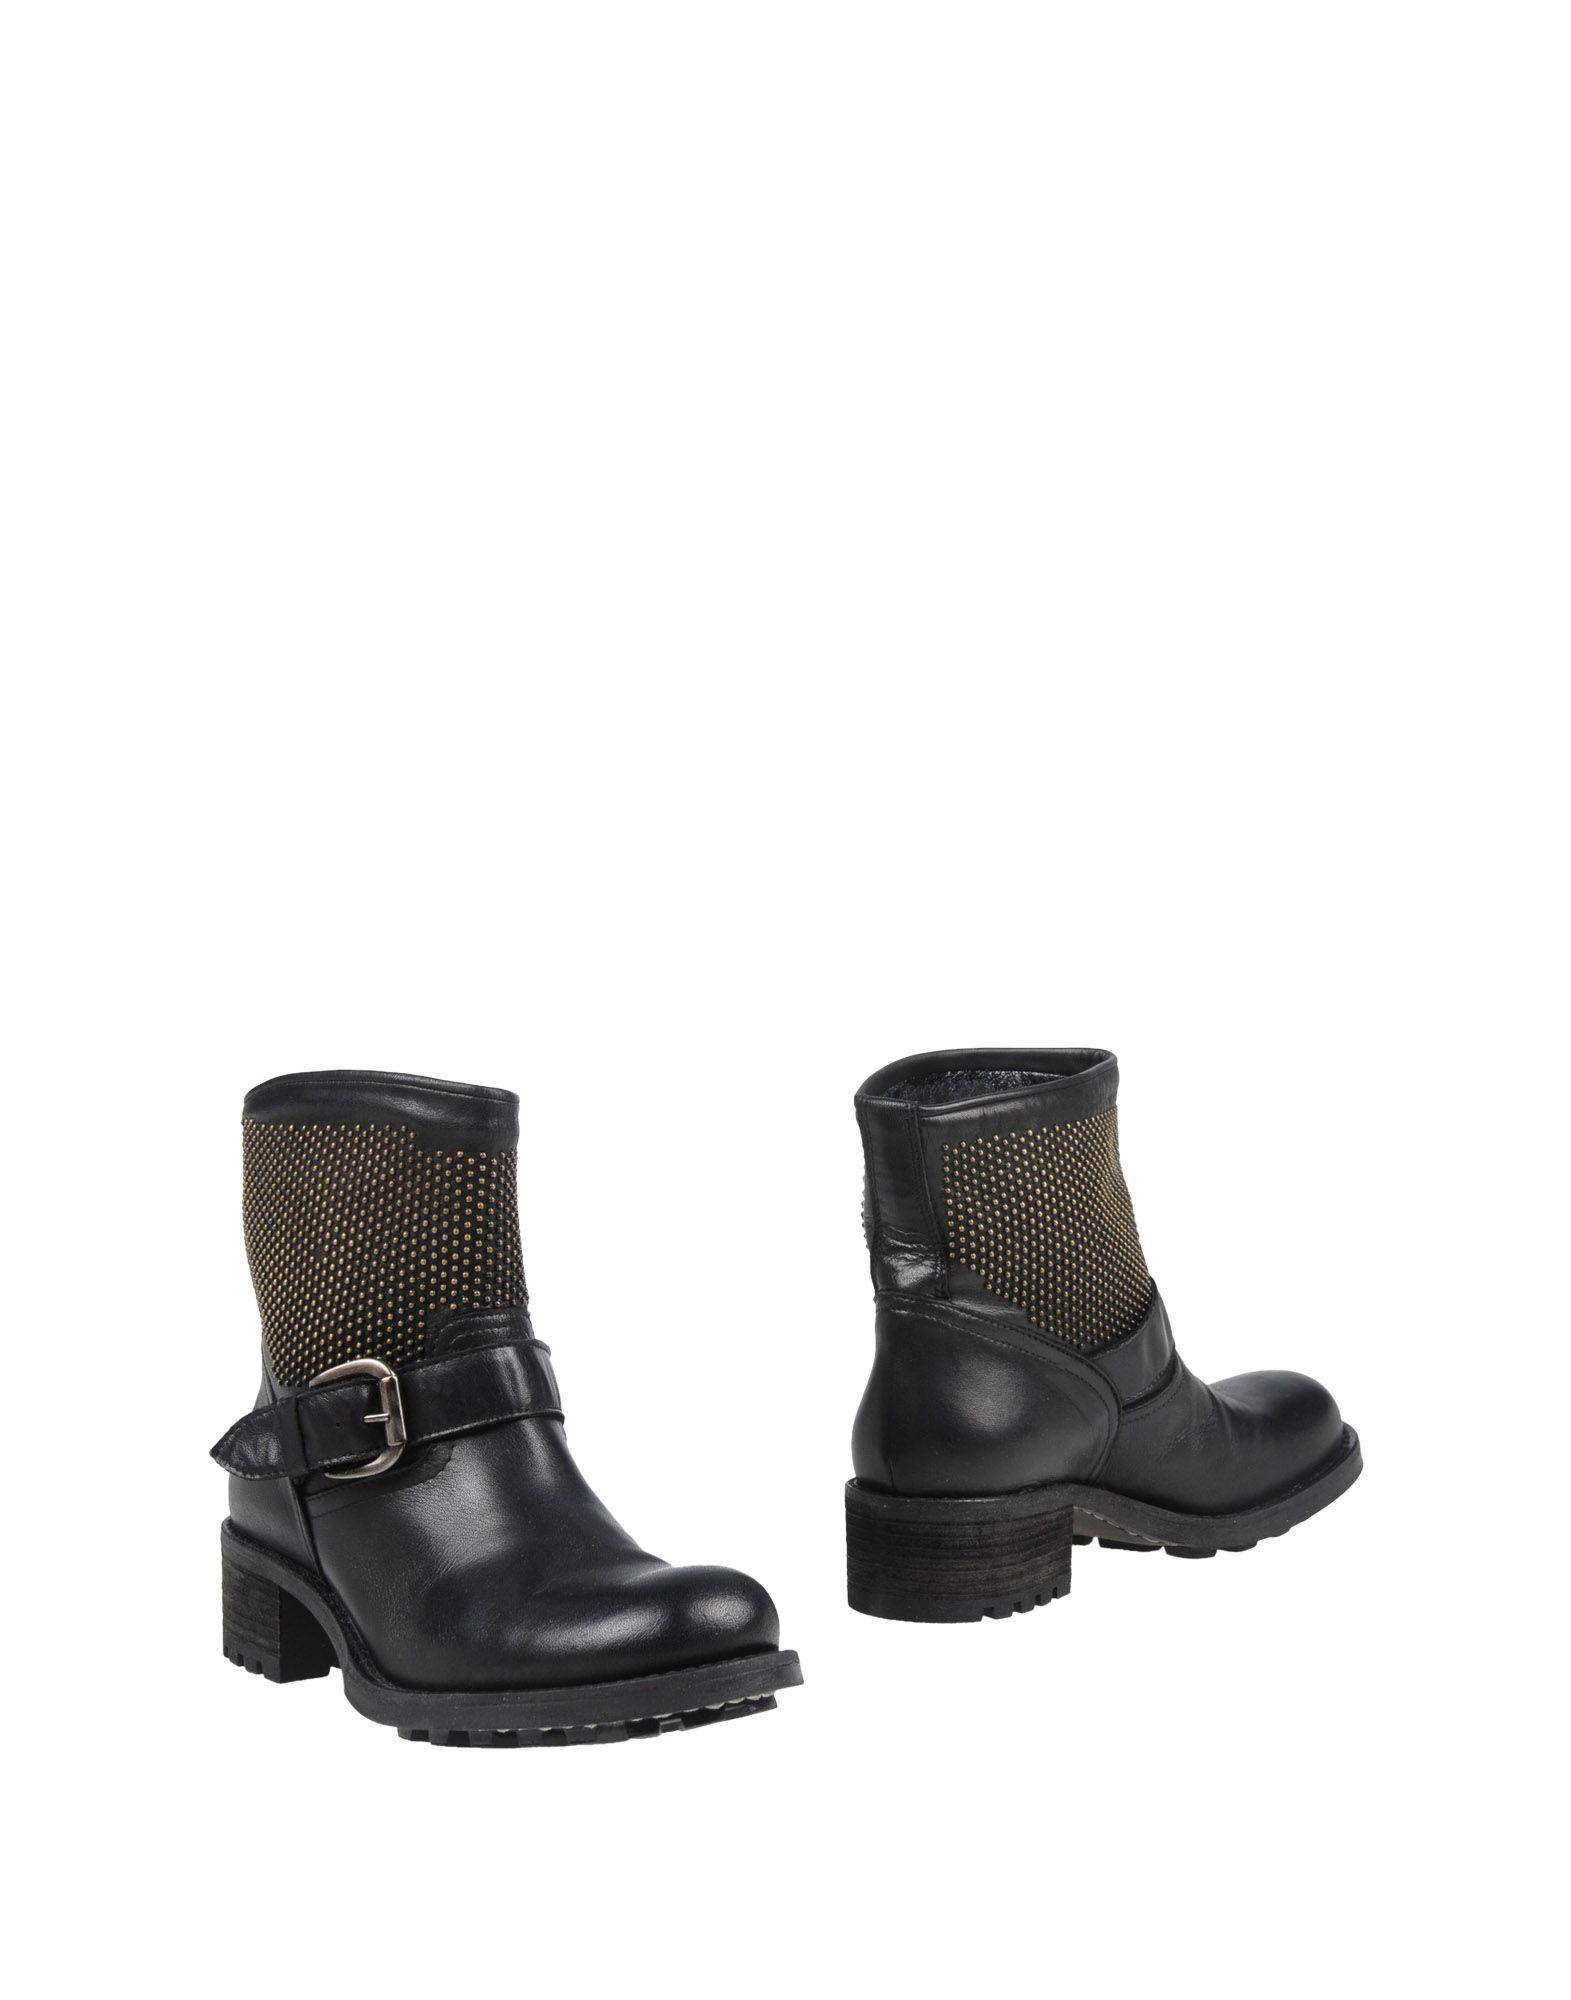 Garrice Stiefelette Damen  11420109WI Gute Qualität beliebte Schuhe